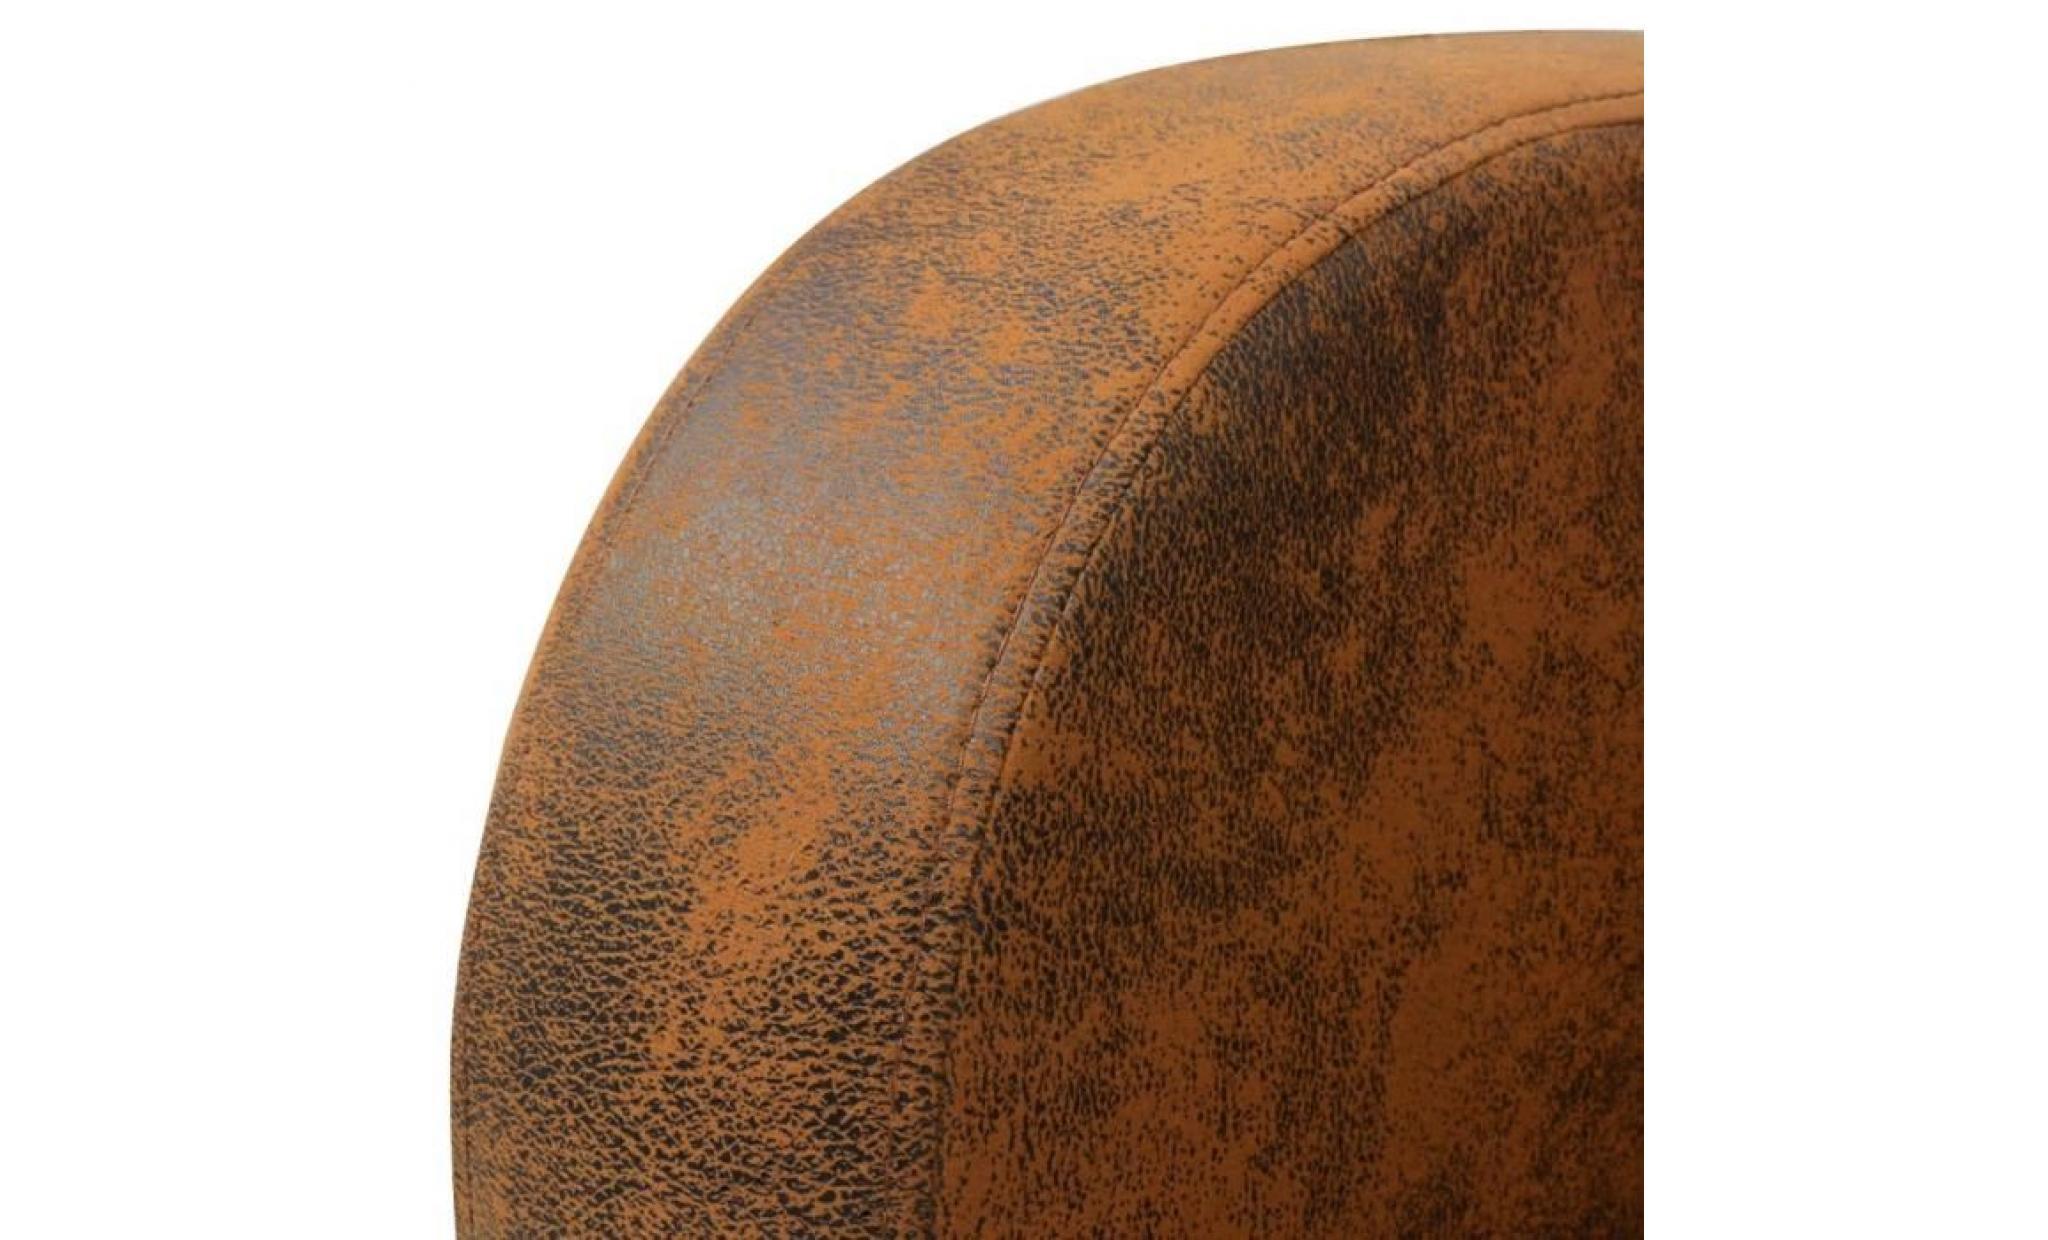 fauteuil marron 73 x 72 x 76 cm